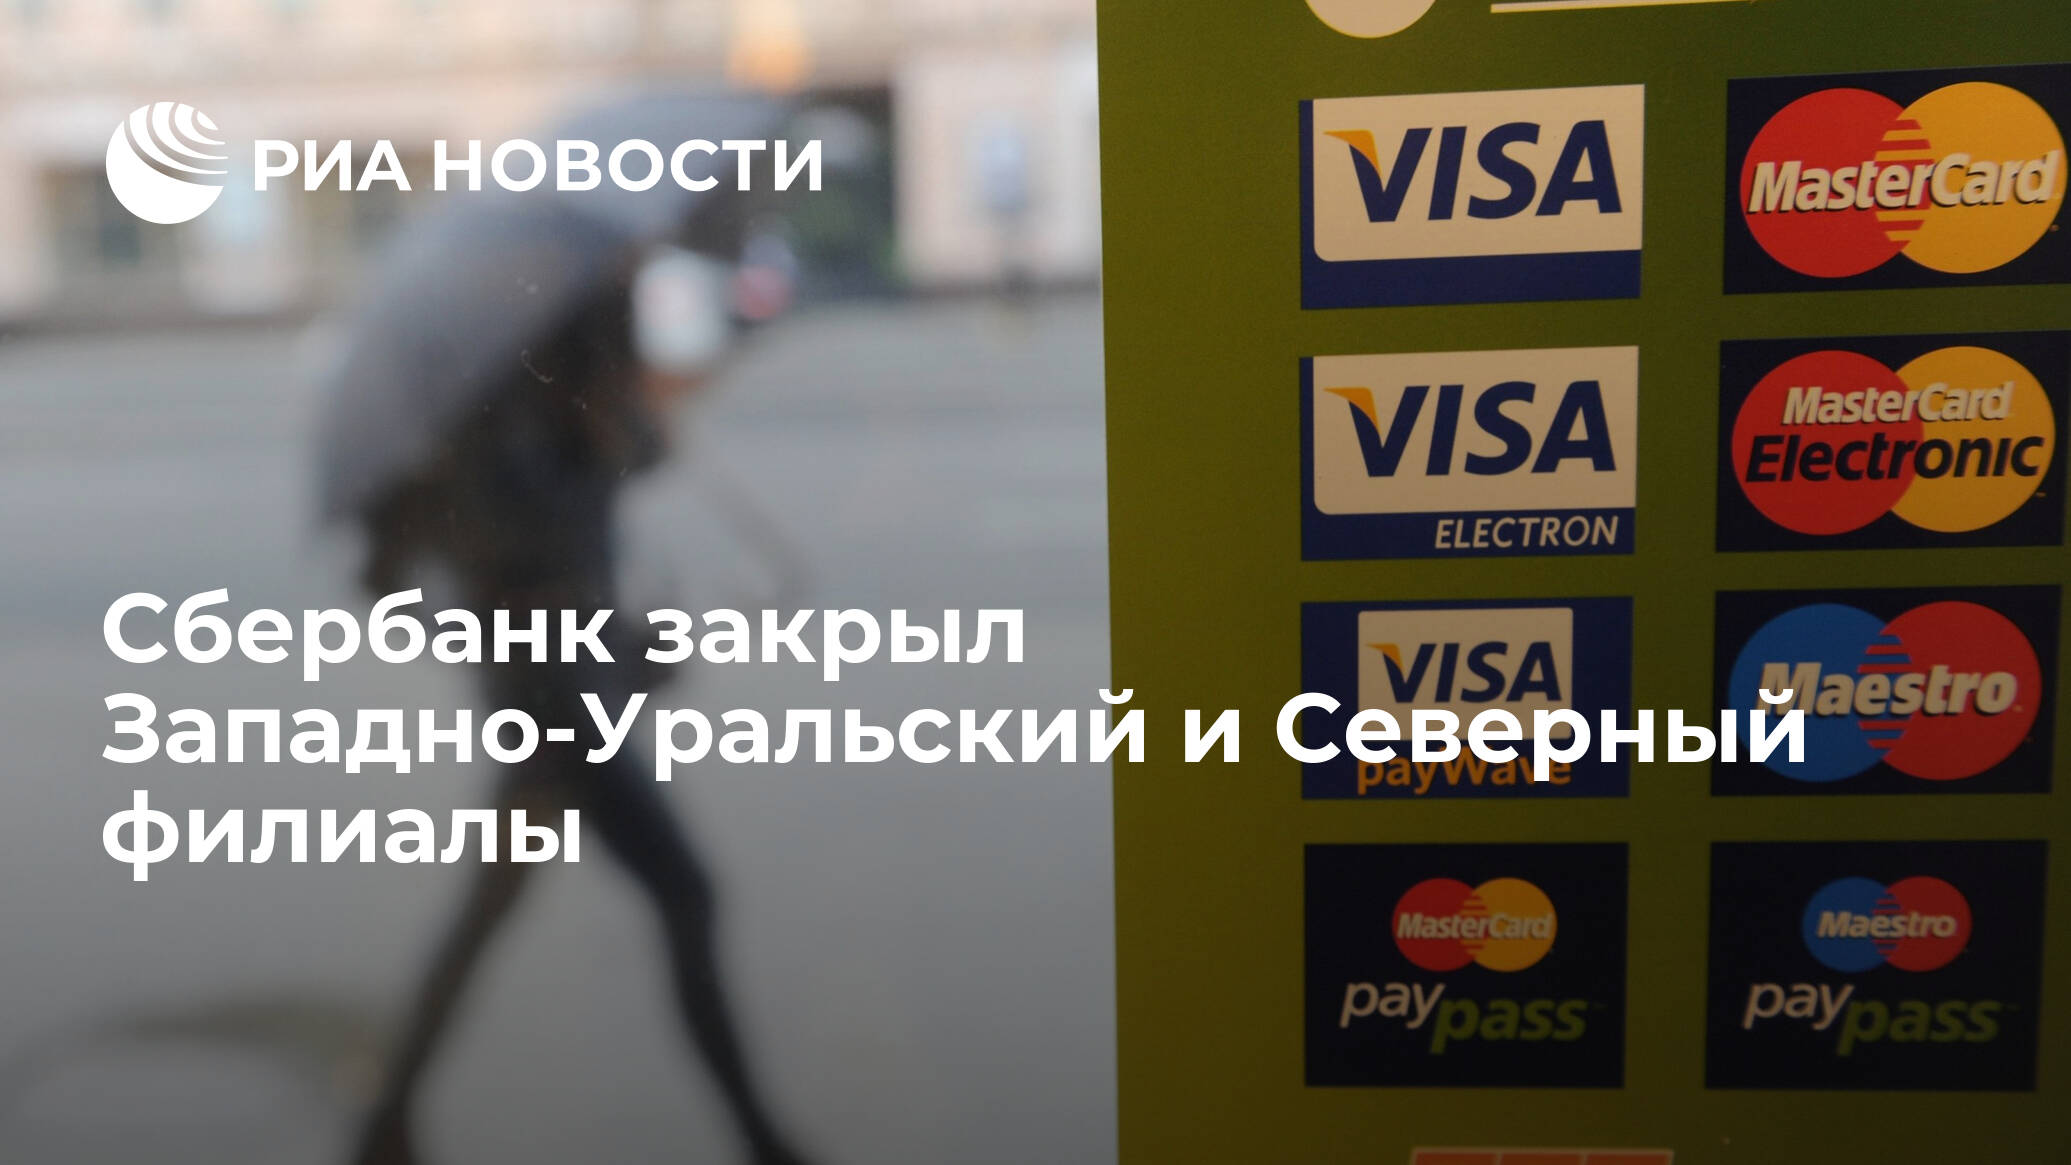 реквизиты волго-вятский банк пао сбербанк пермь кредиты с 21 года в казахстане